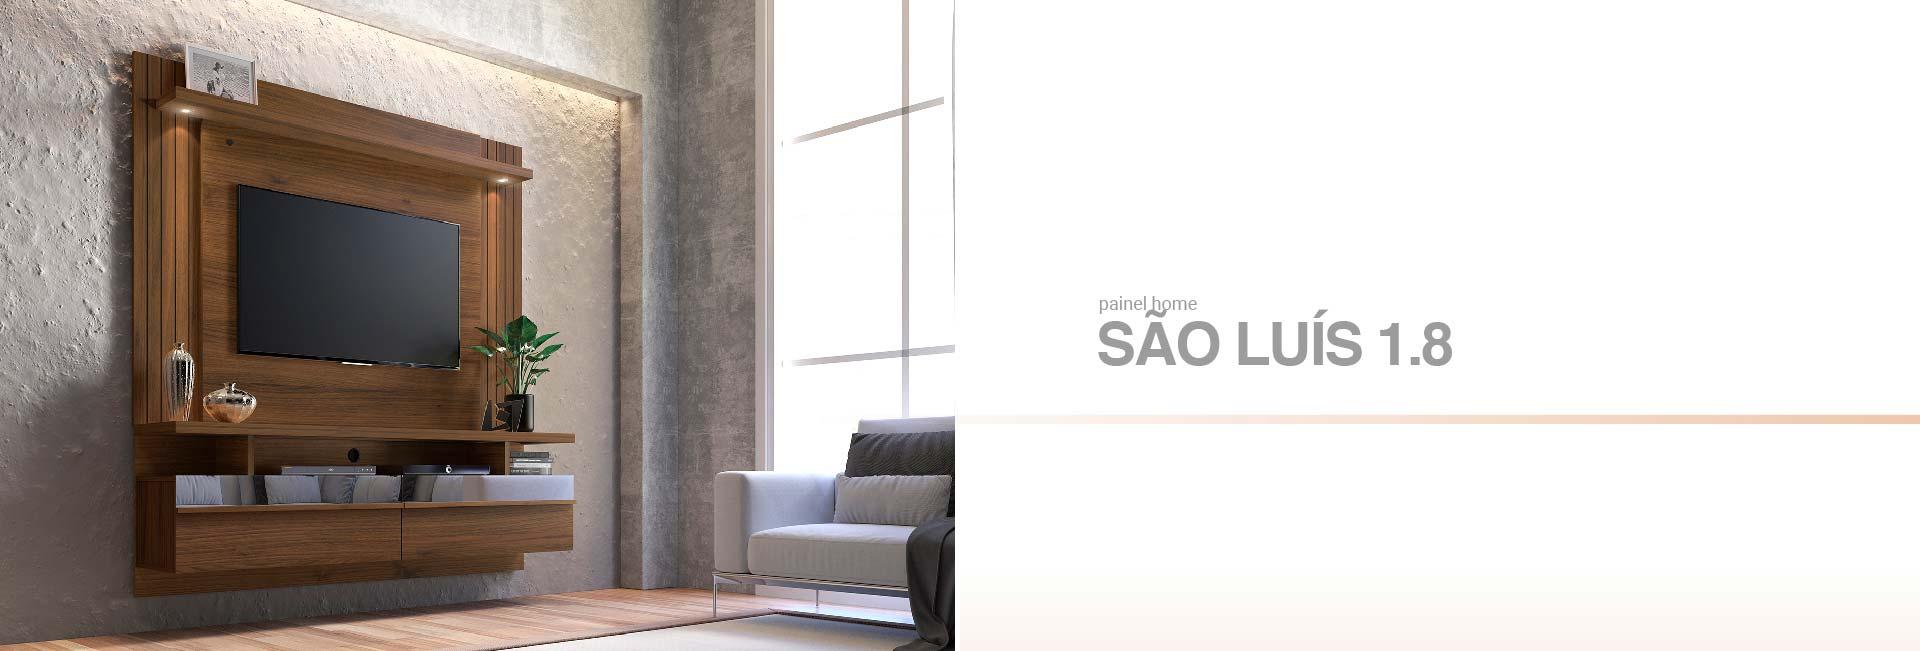 Painel para TV São Luís